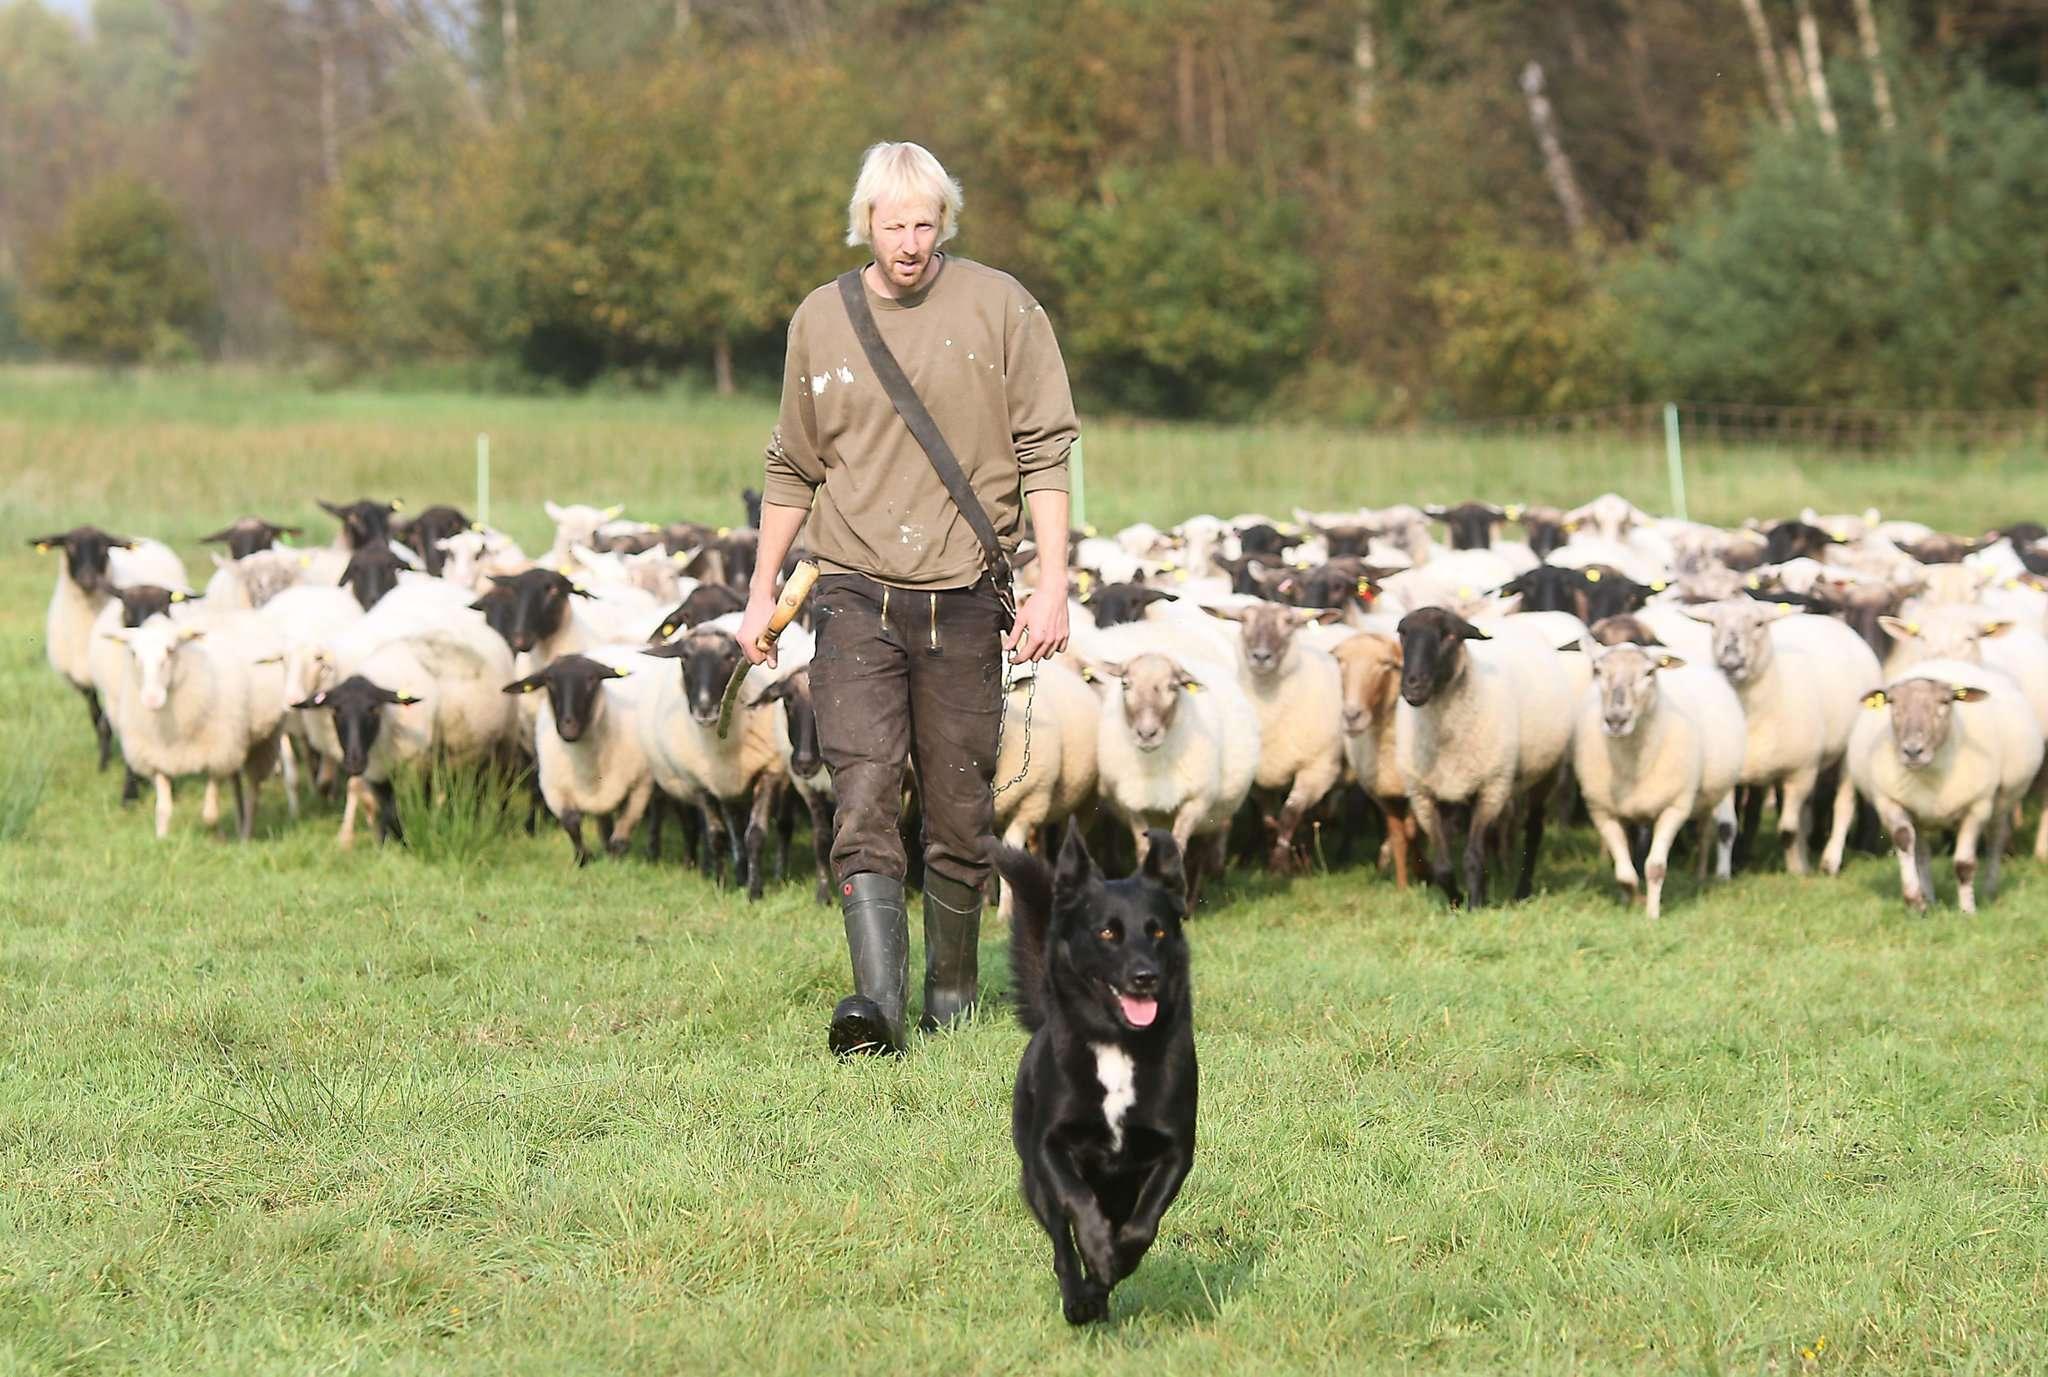 Marco Hörmann hat 200 Schafe und organisiert einen Border Collie-Trial.